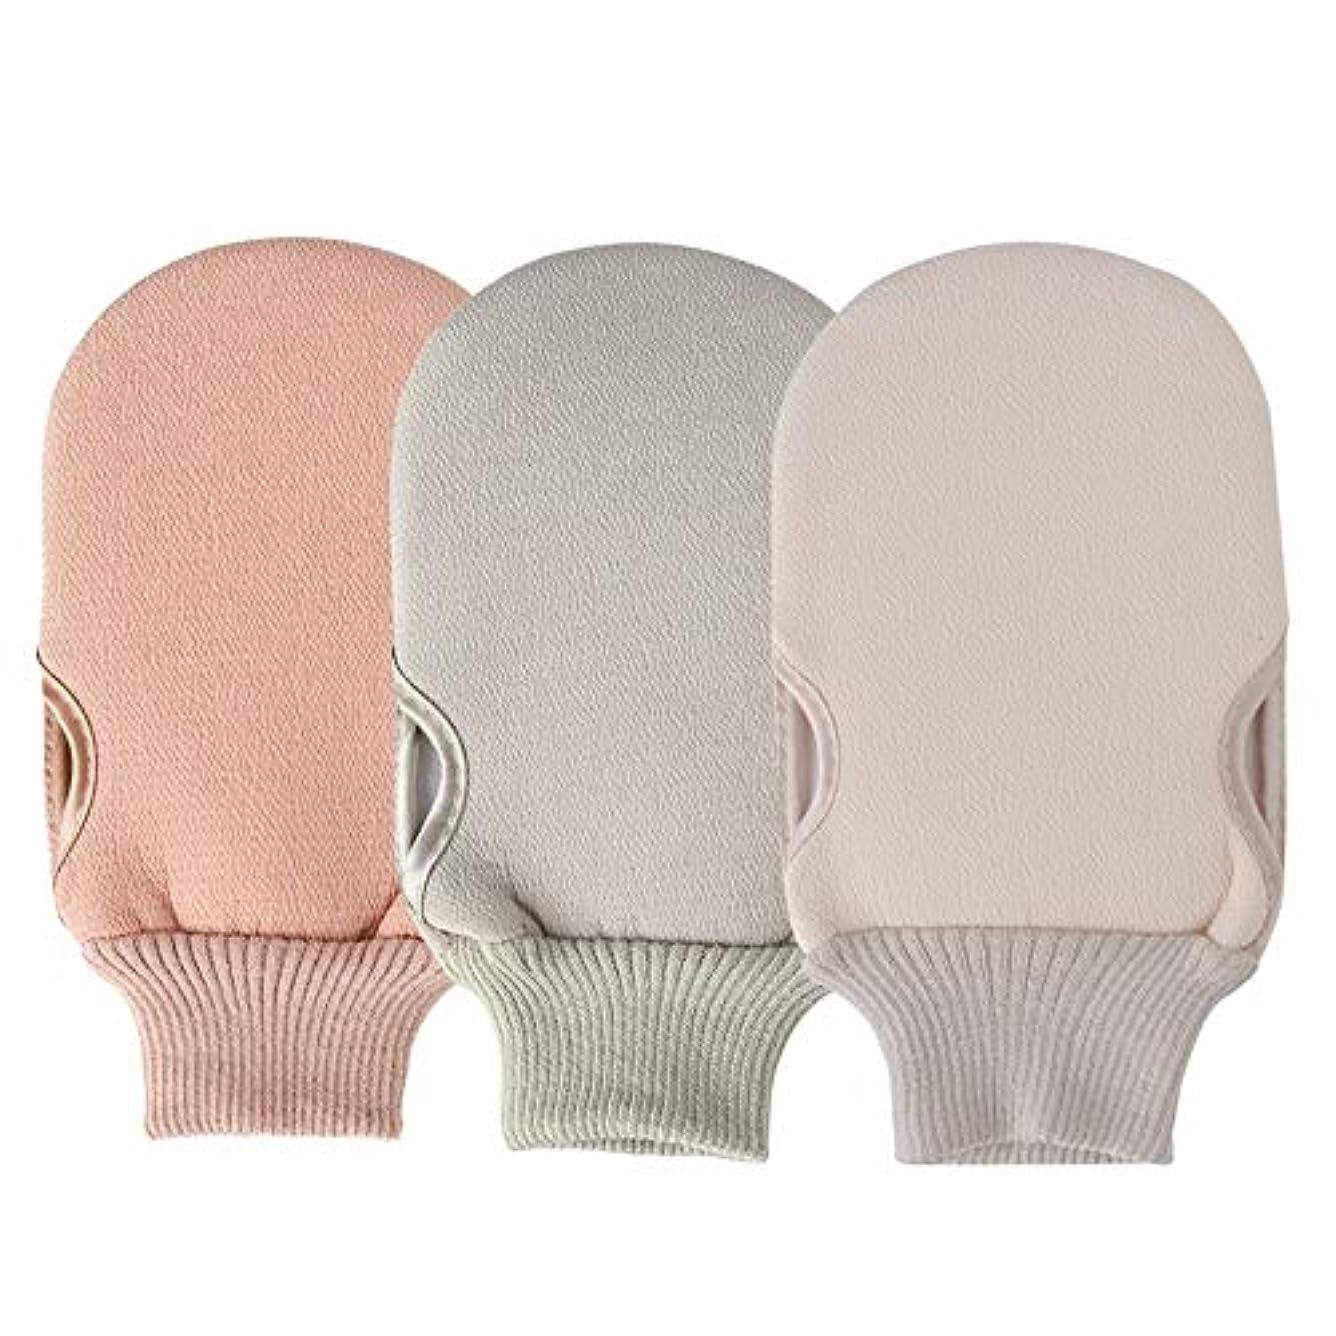 戸棚下向きBTXXYJP お風呂用手袋 あかすり シャワー手袋 ボディブラシ やわらか ボディタオル バス用品 角質除去 (Color : Pink+green+beige)